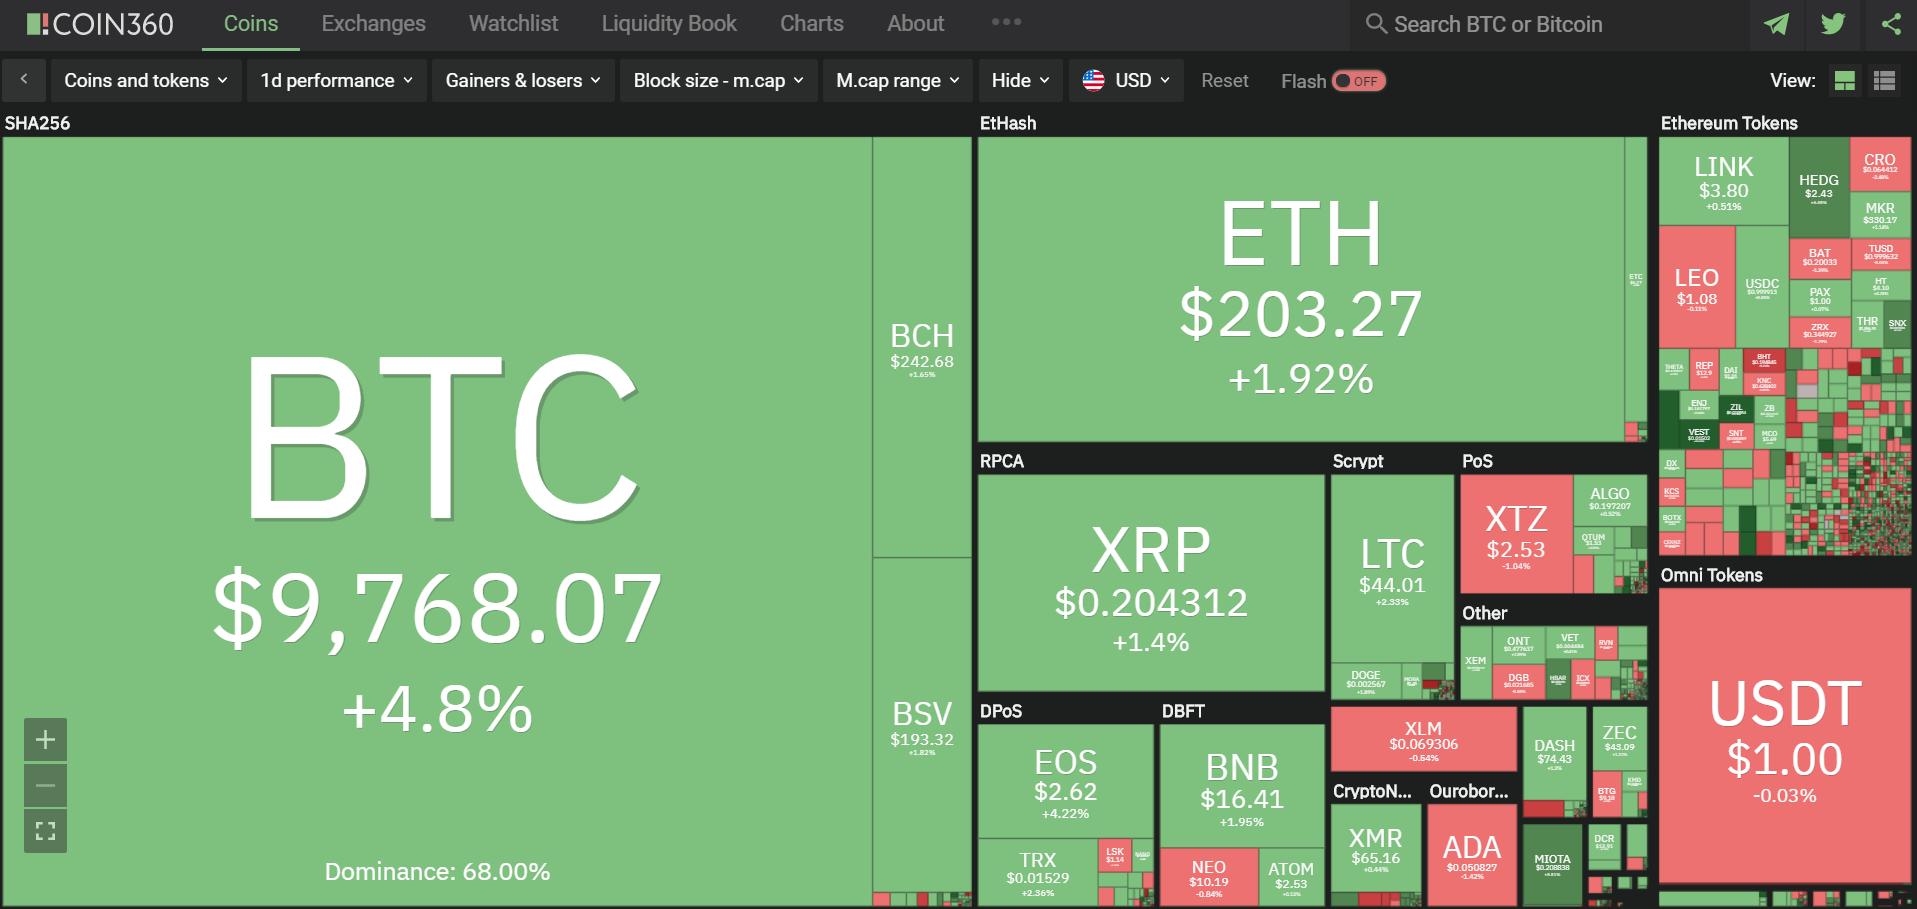 Toàn cảnh thị trường ngày 15/5 (nguồn: Coin360.com)